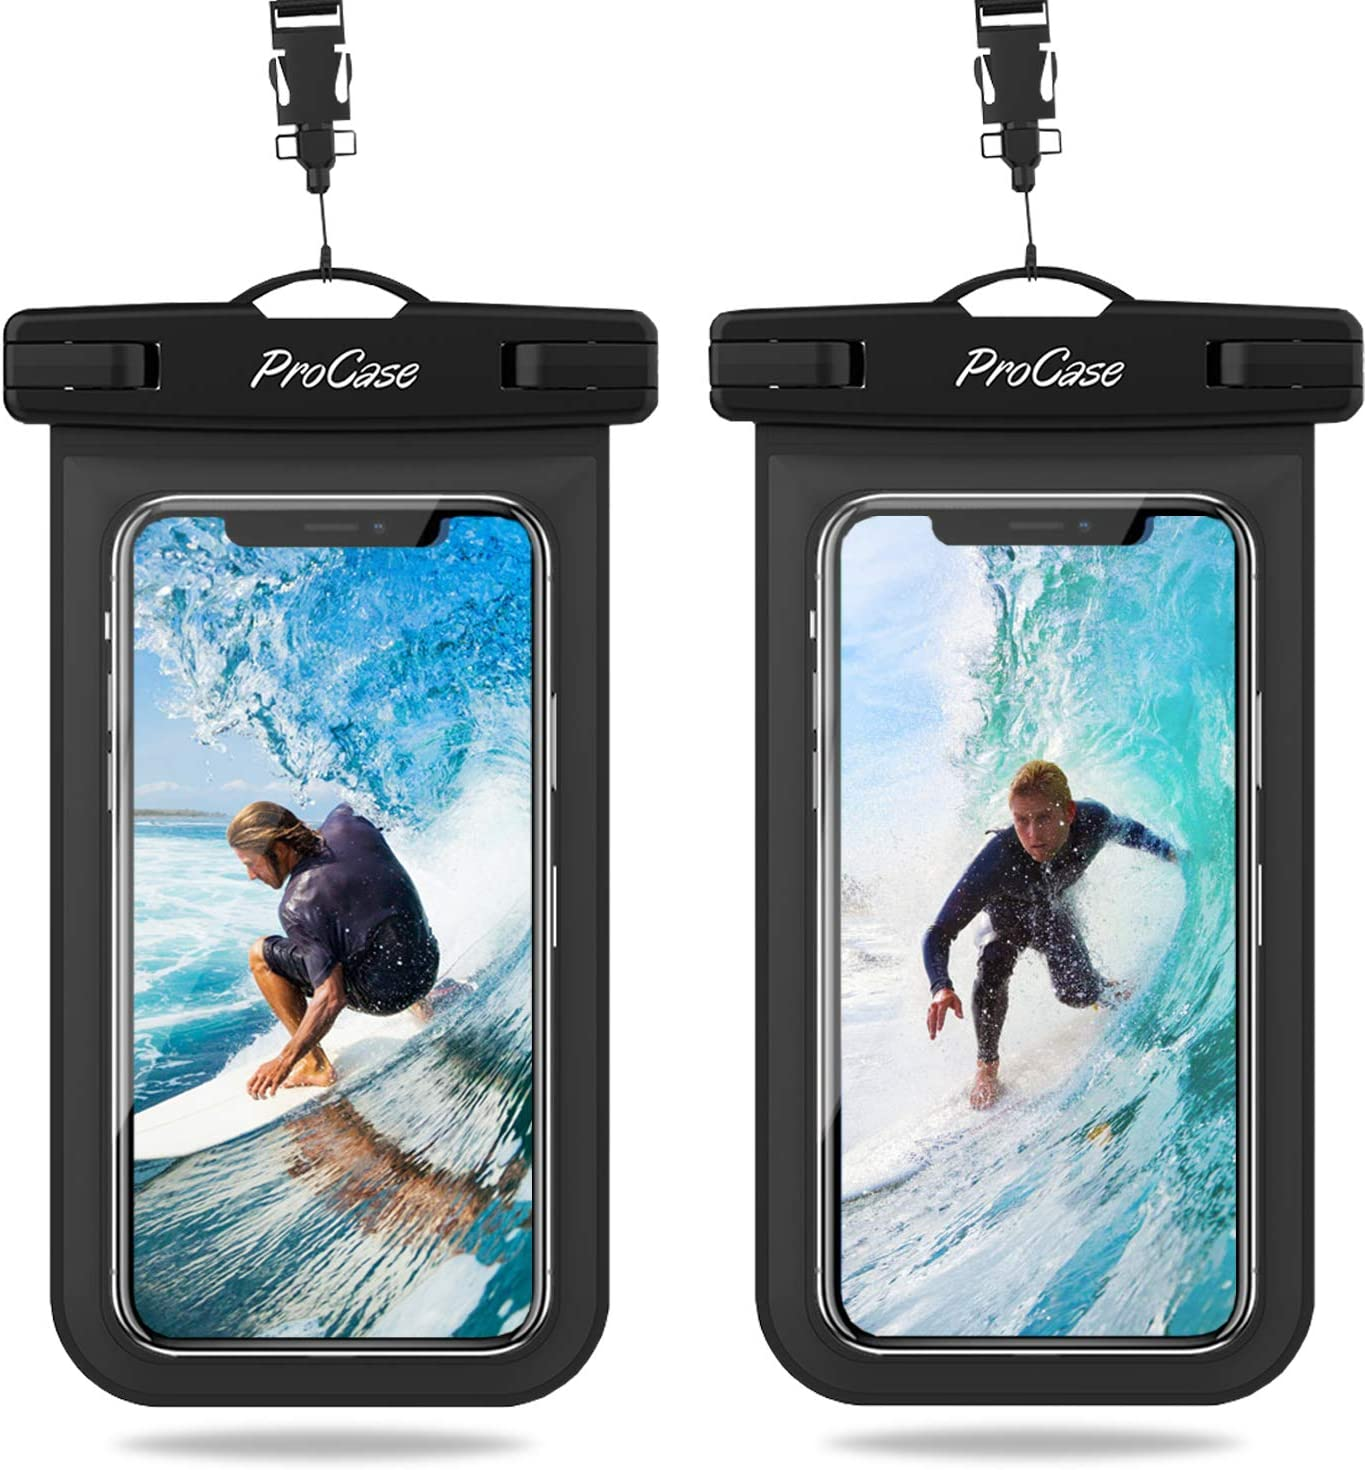 ProCase 2 uds. Funda Estanca Móvil Universal para iPhone SE 2020/iPhone 11 Pro Max/XS/XR/X/8/7, Galaxy Note10+/S20 Ultra/S10e/S9+, Huawei Xiaomi Redmi Honor BQ hasta 6,9